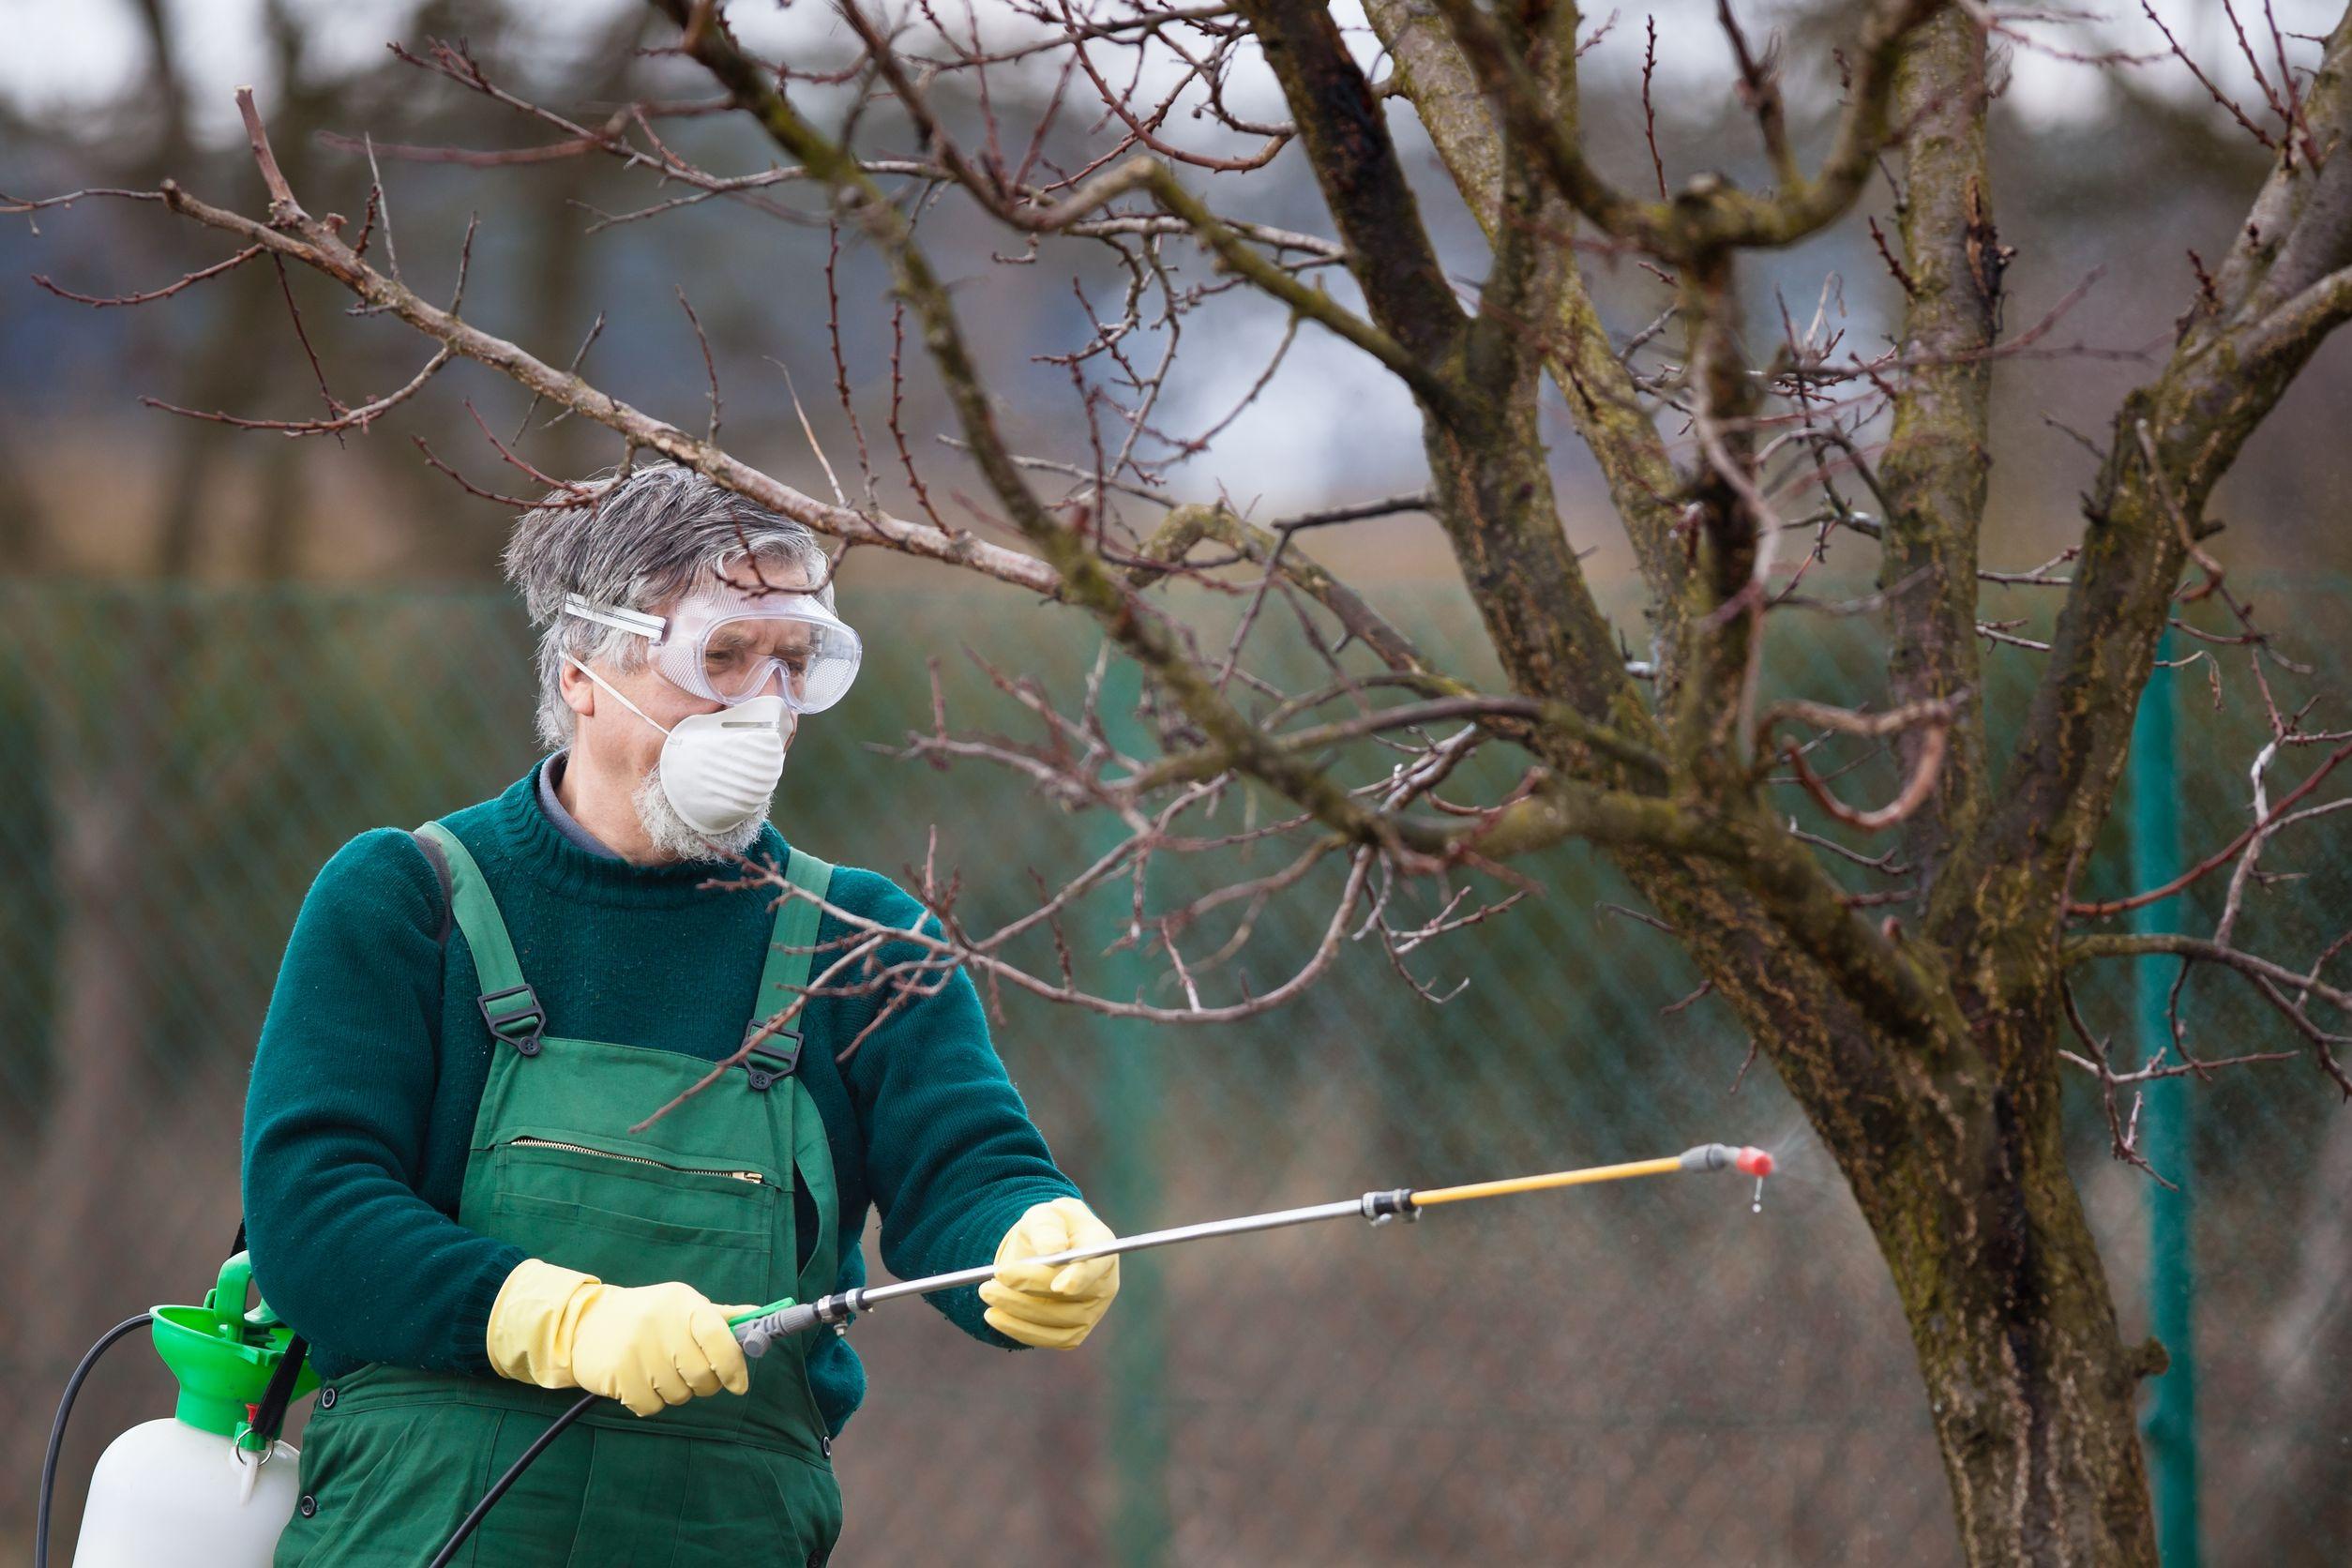 Побелка деревьев весной — обработка плодовых деревьев от вредителей